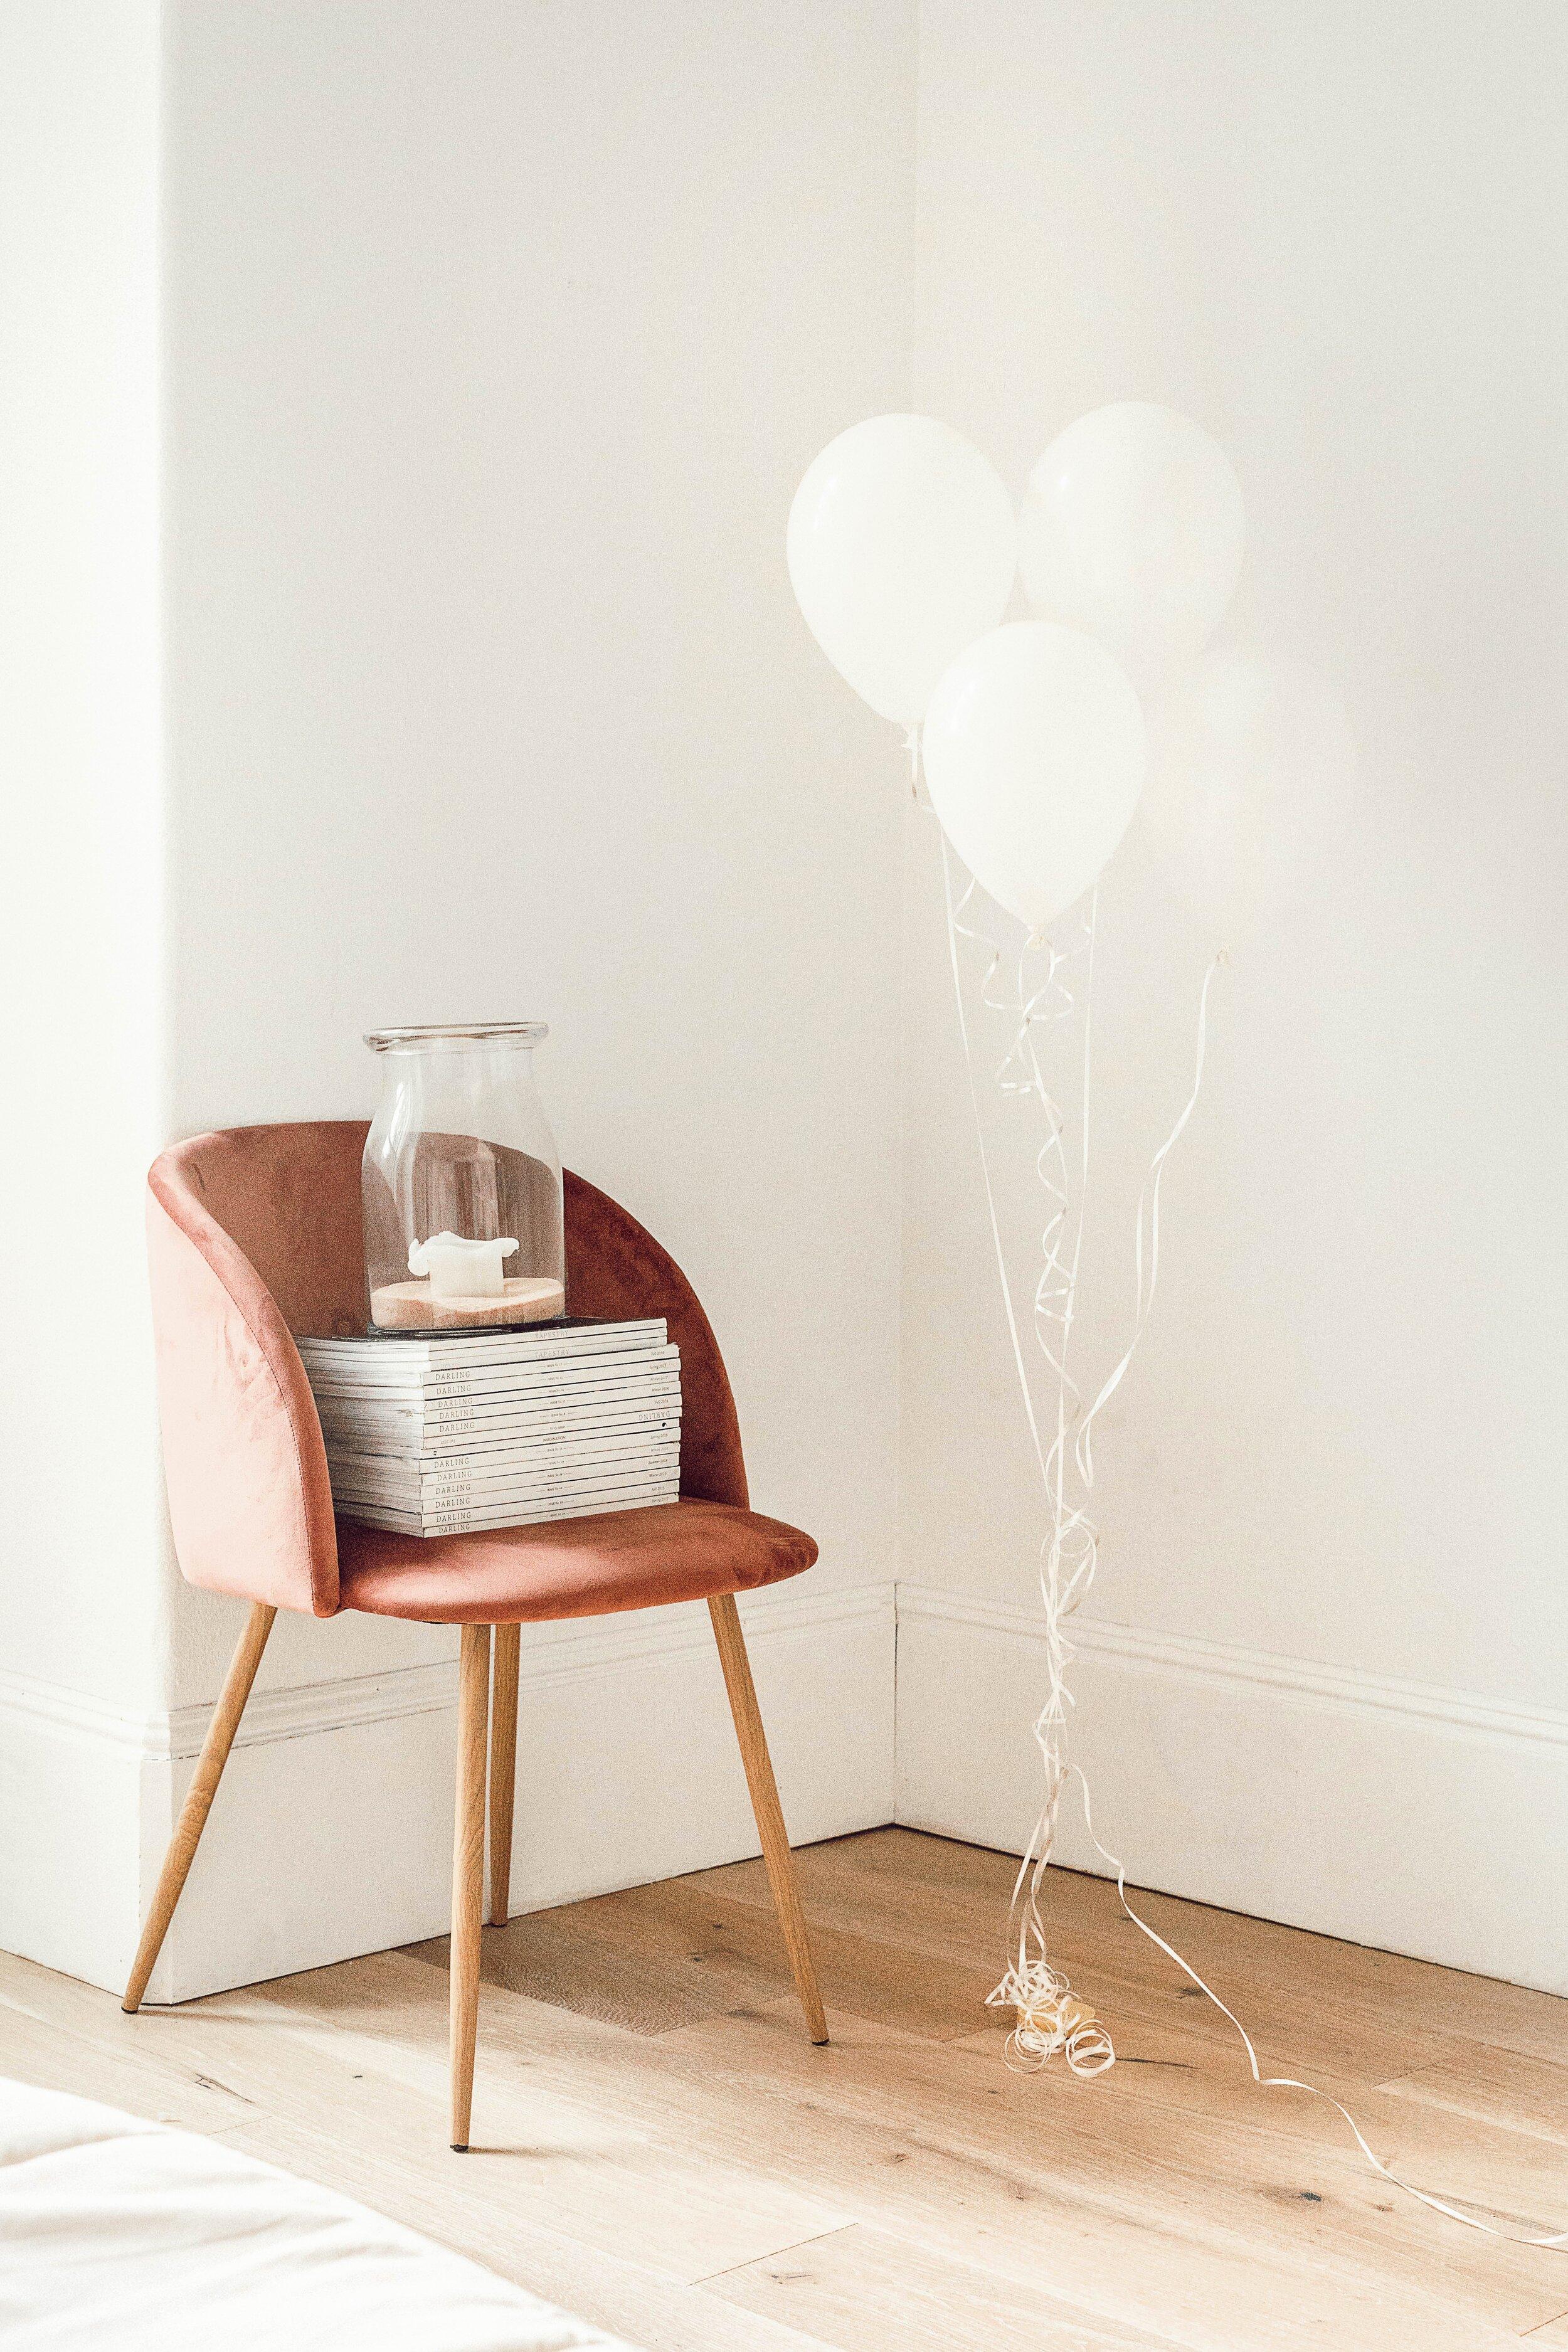 Comfortabele Design Fauteuil.Trend Voor 2020 Gewone Eetkamerstoel Wordt Comfortabele